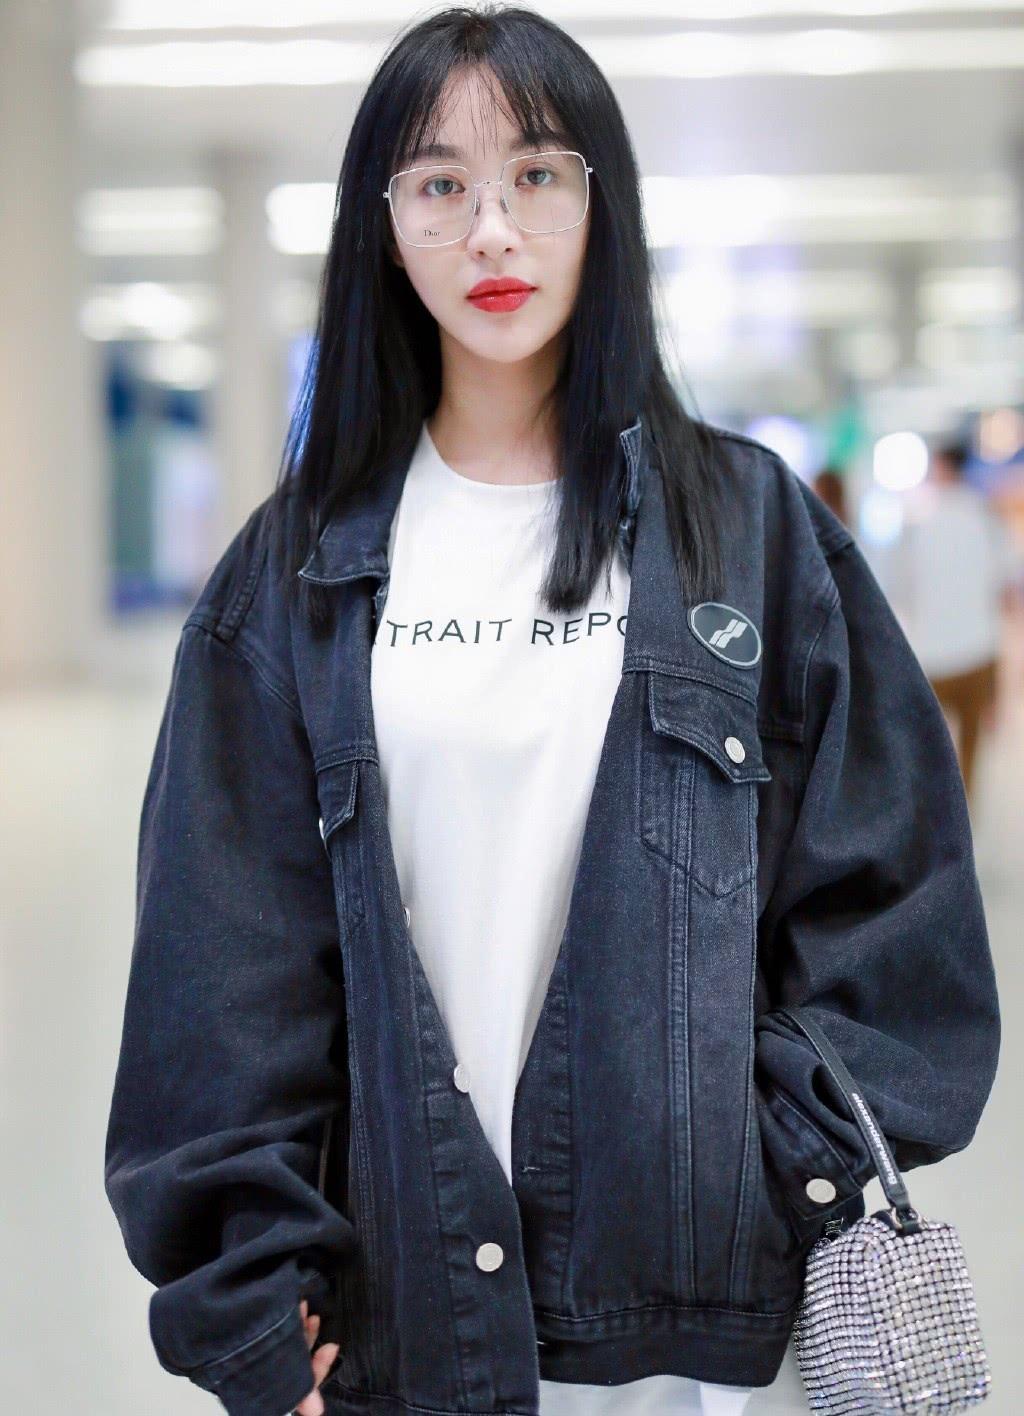 她是黄晓明前女友,穿外套配宽松牛仔裤,对镜甜笑32岁美成少女